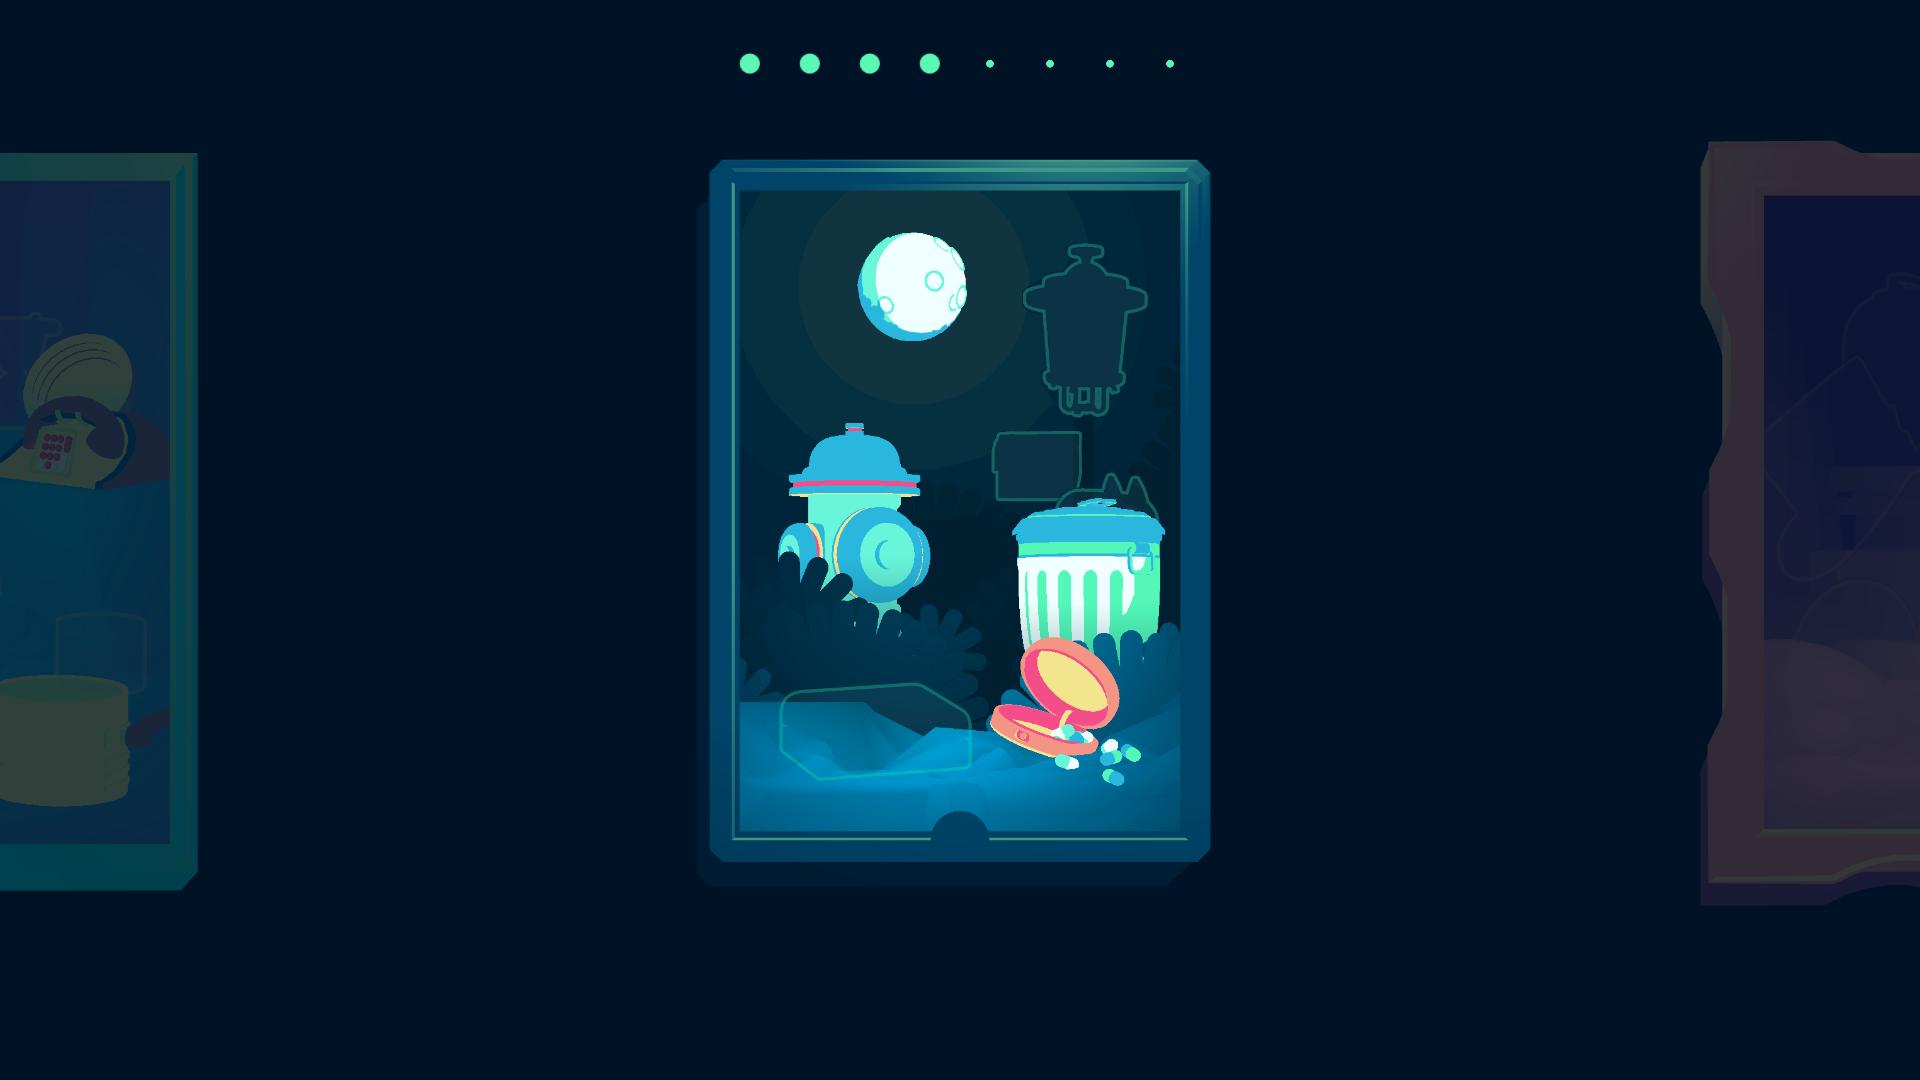 Game image Vignettes